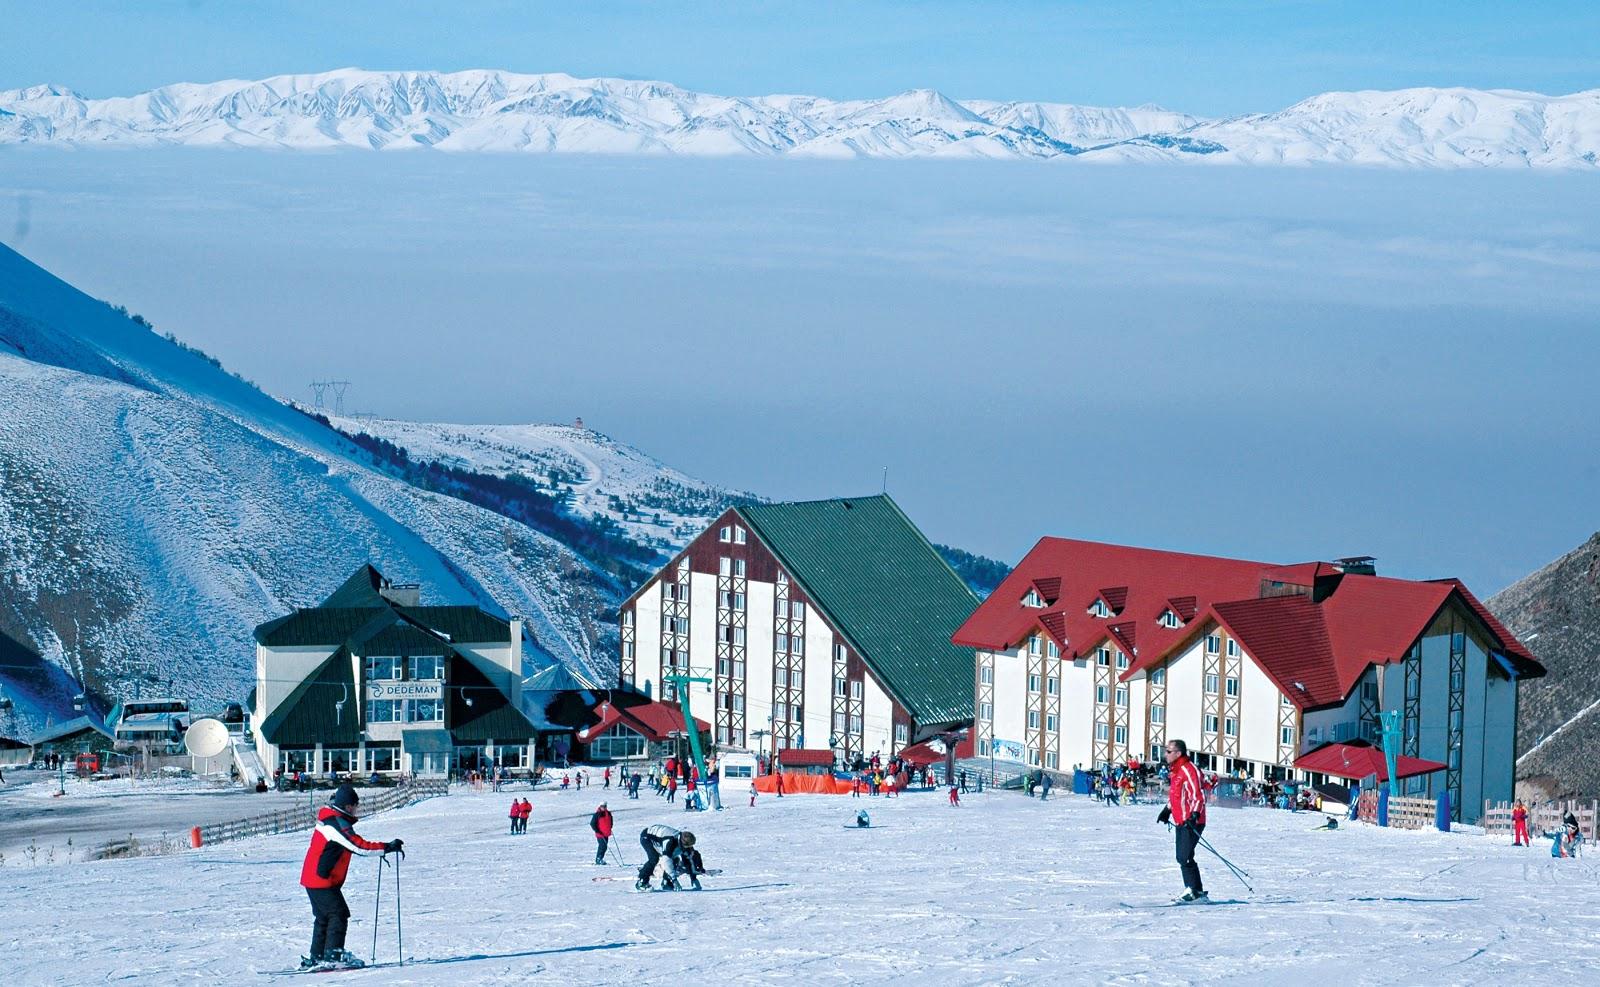 التزلج في جبال بالاندوكين بتركيا